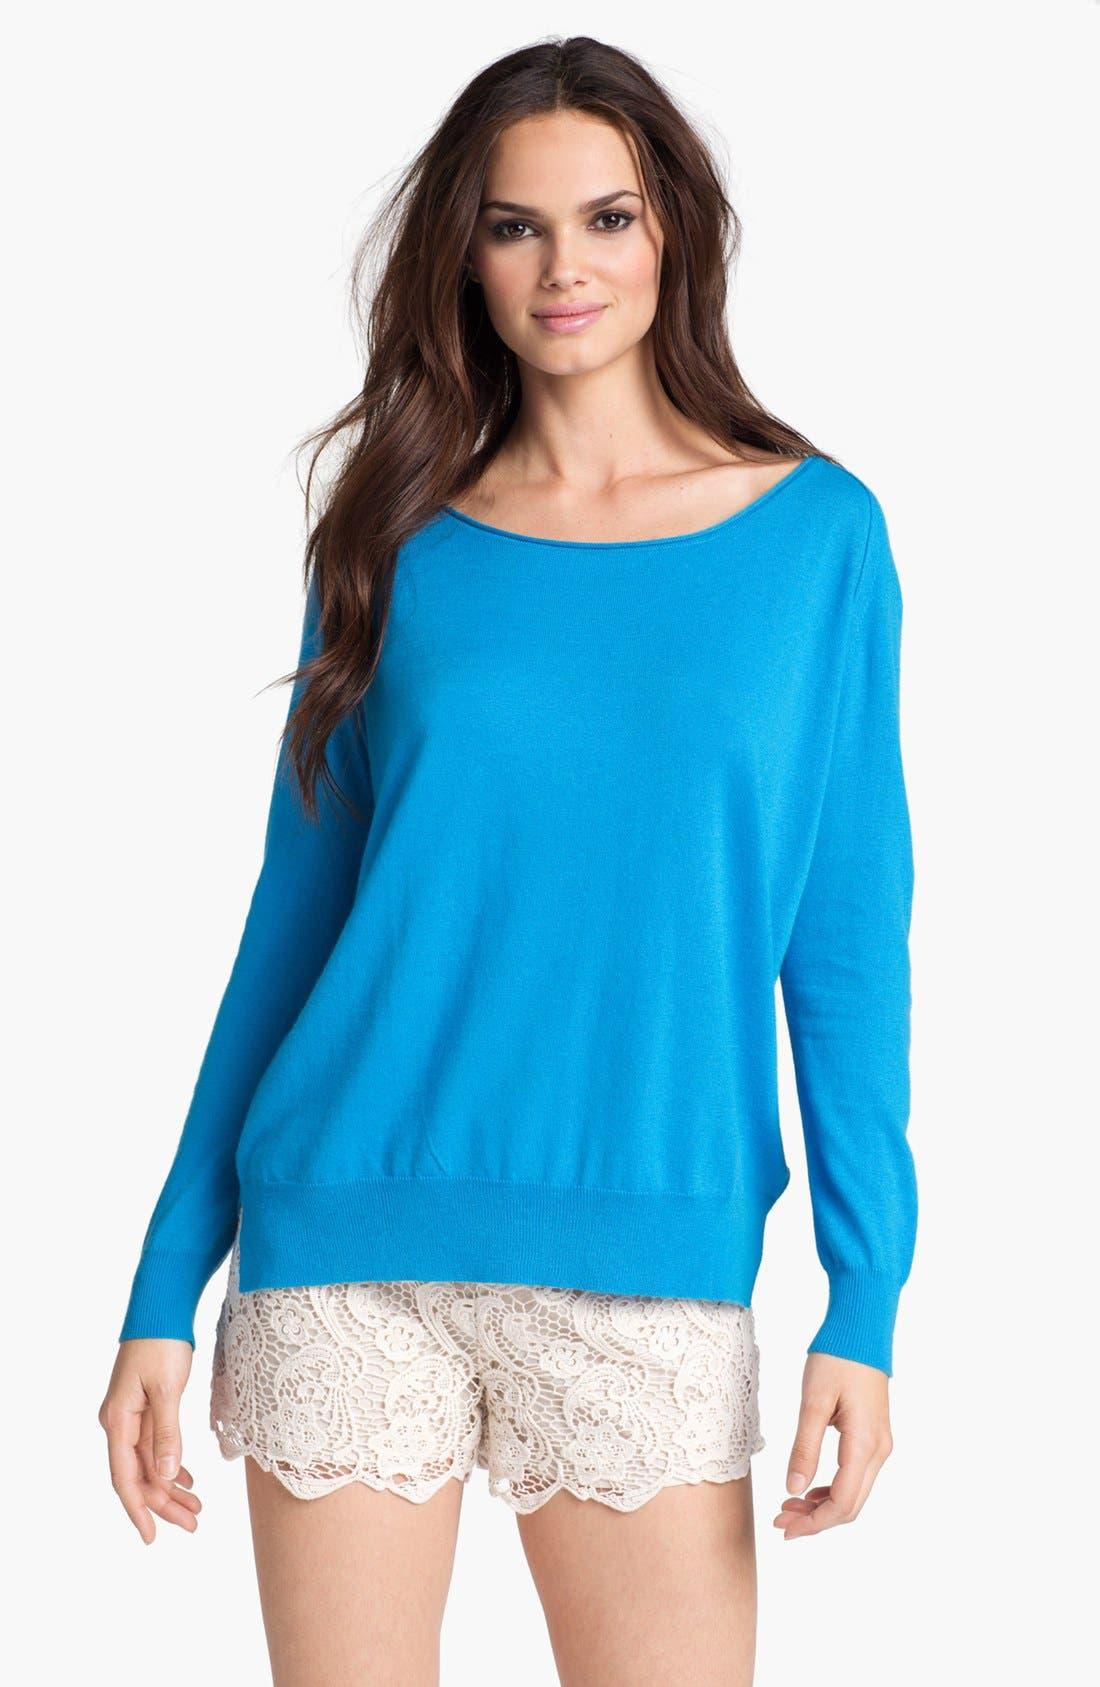 Alternate Image 1 Selected - Joie 'Emari' Raglan Shirt